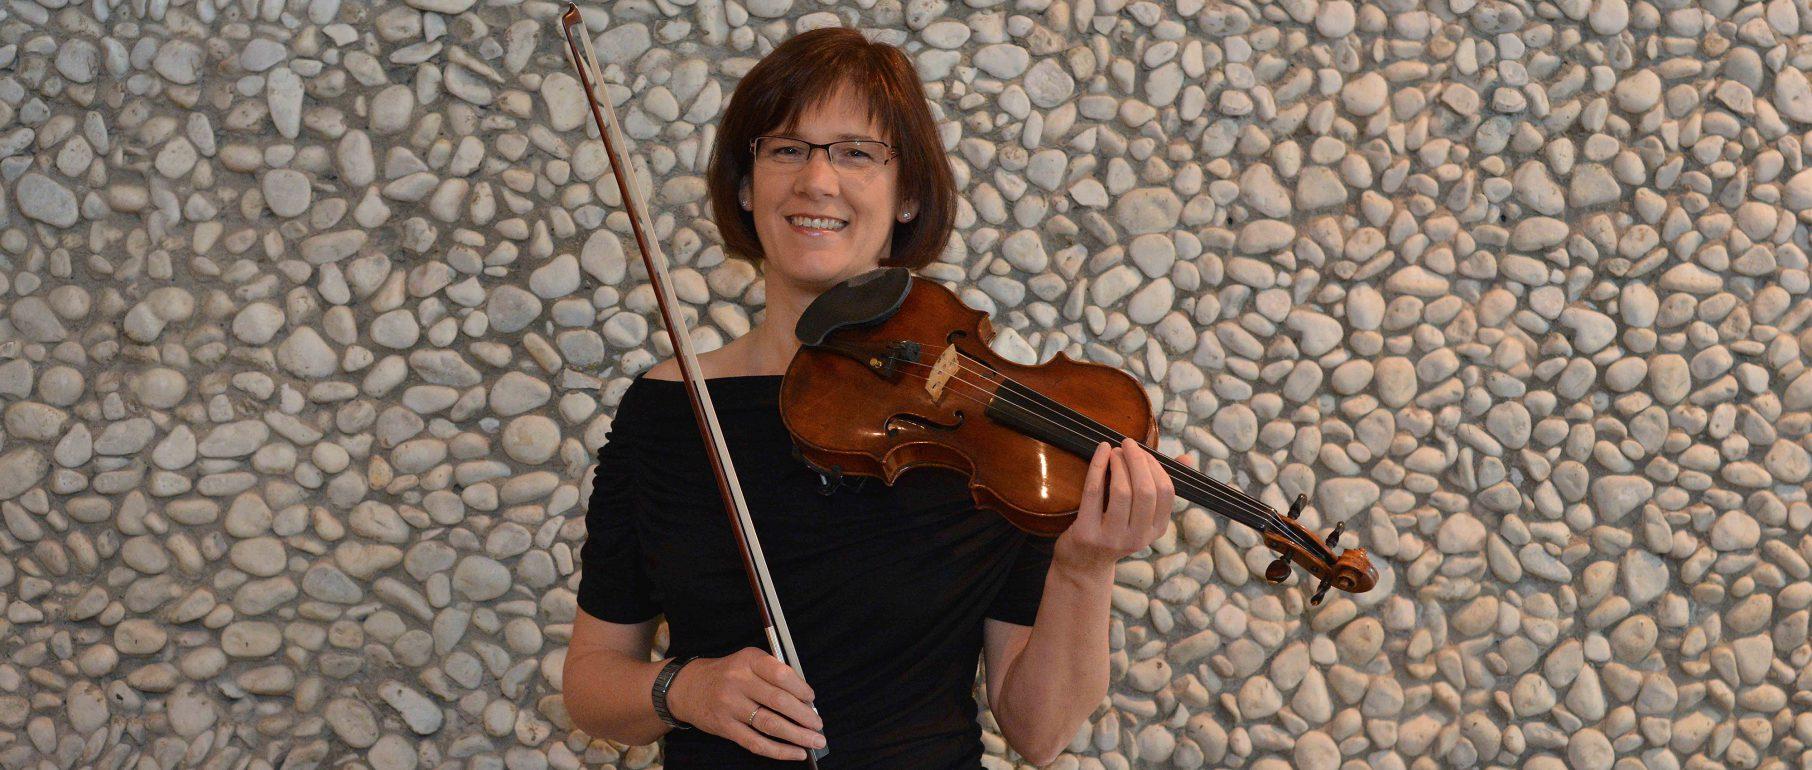 Gabriele Etz, 2. Violine (Stimmführerin)